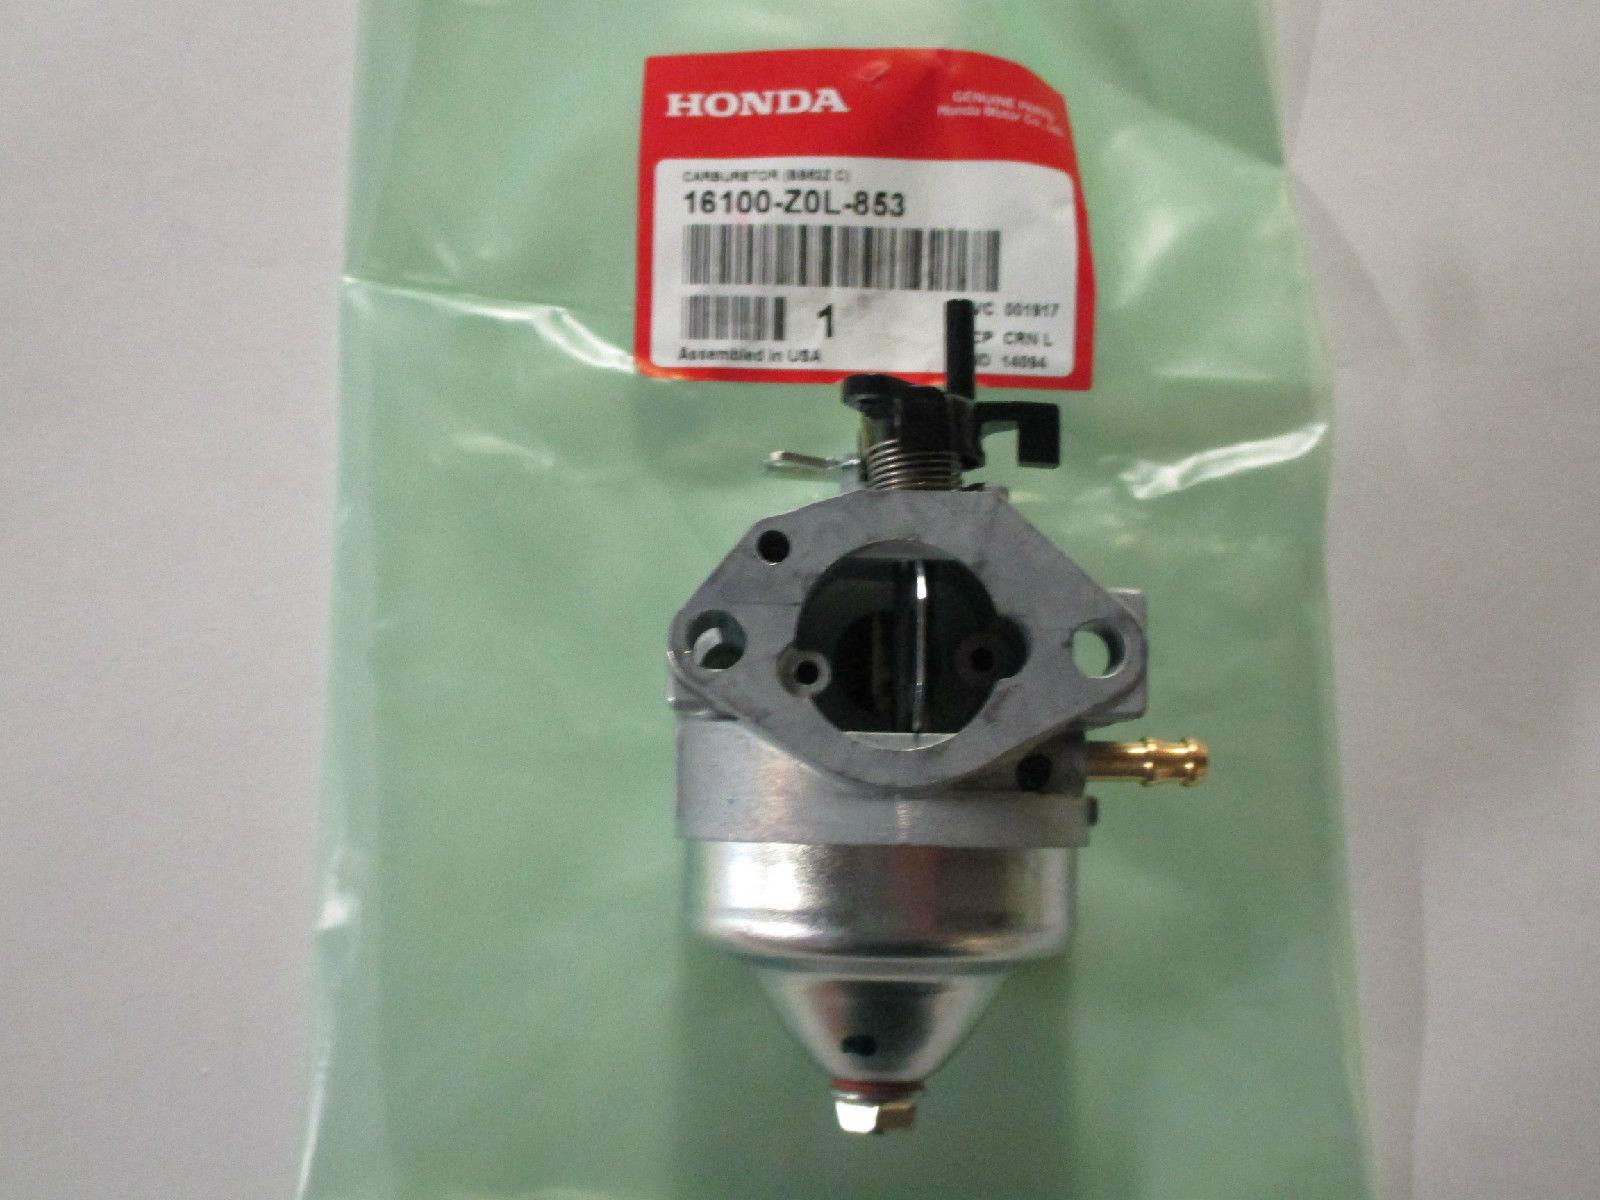 BB62Z C Genuine OEM Honda 16100-Z0L-853 CARBURETOR